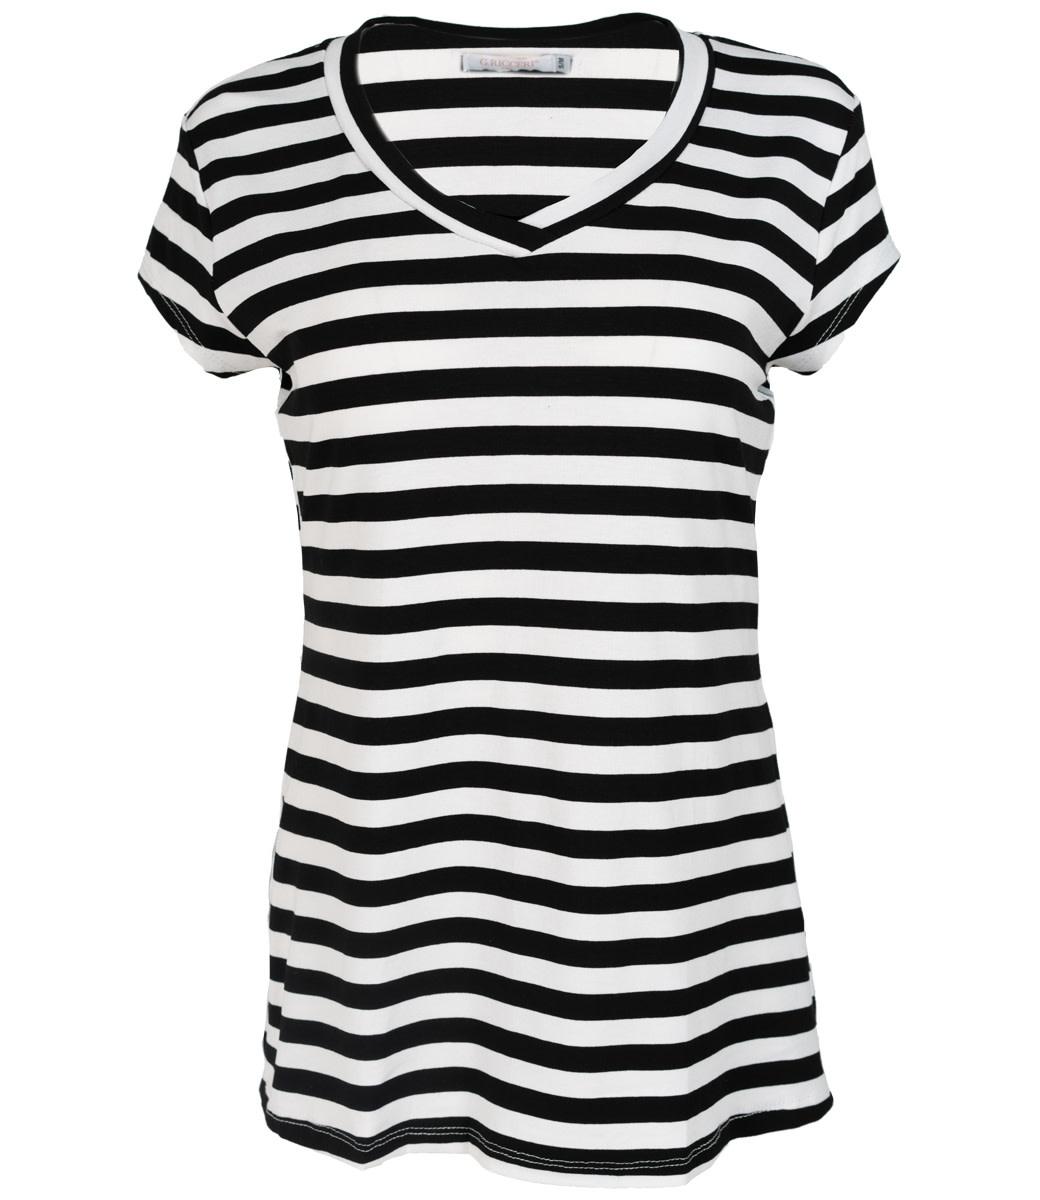 Gemma Ricceri Shirt zwart/wit streep Pia